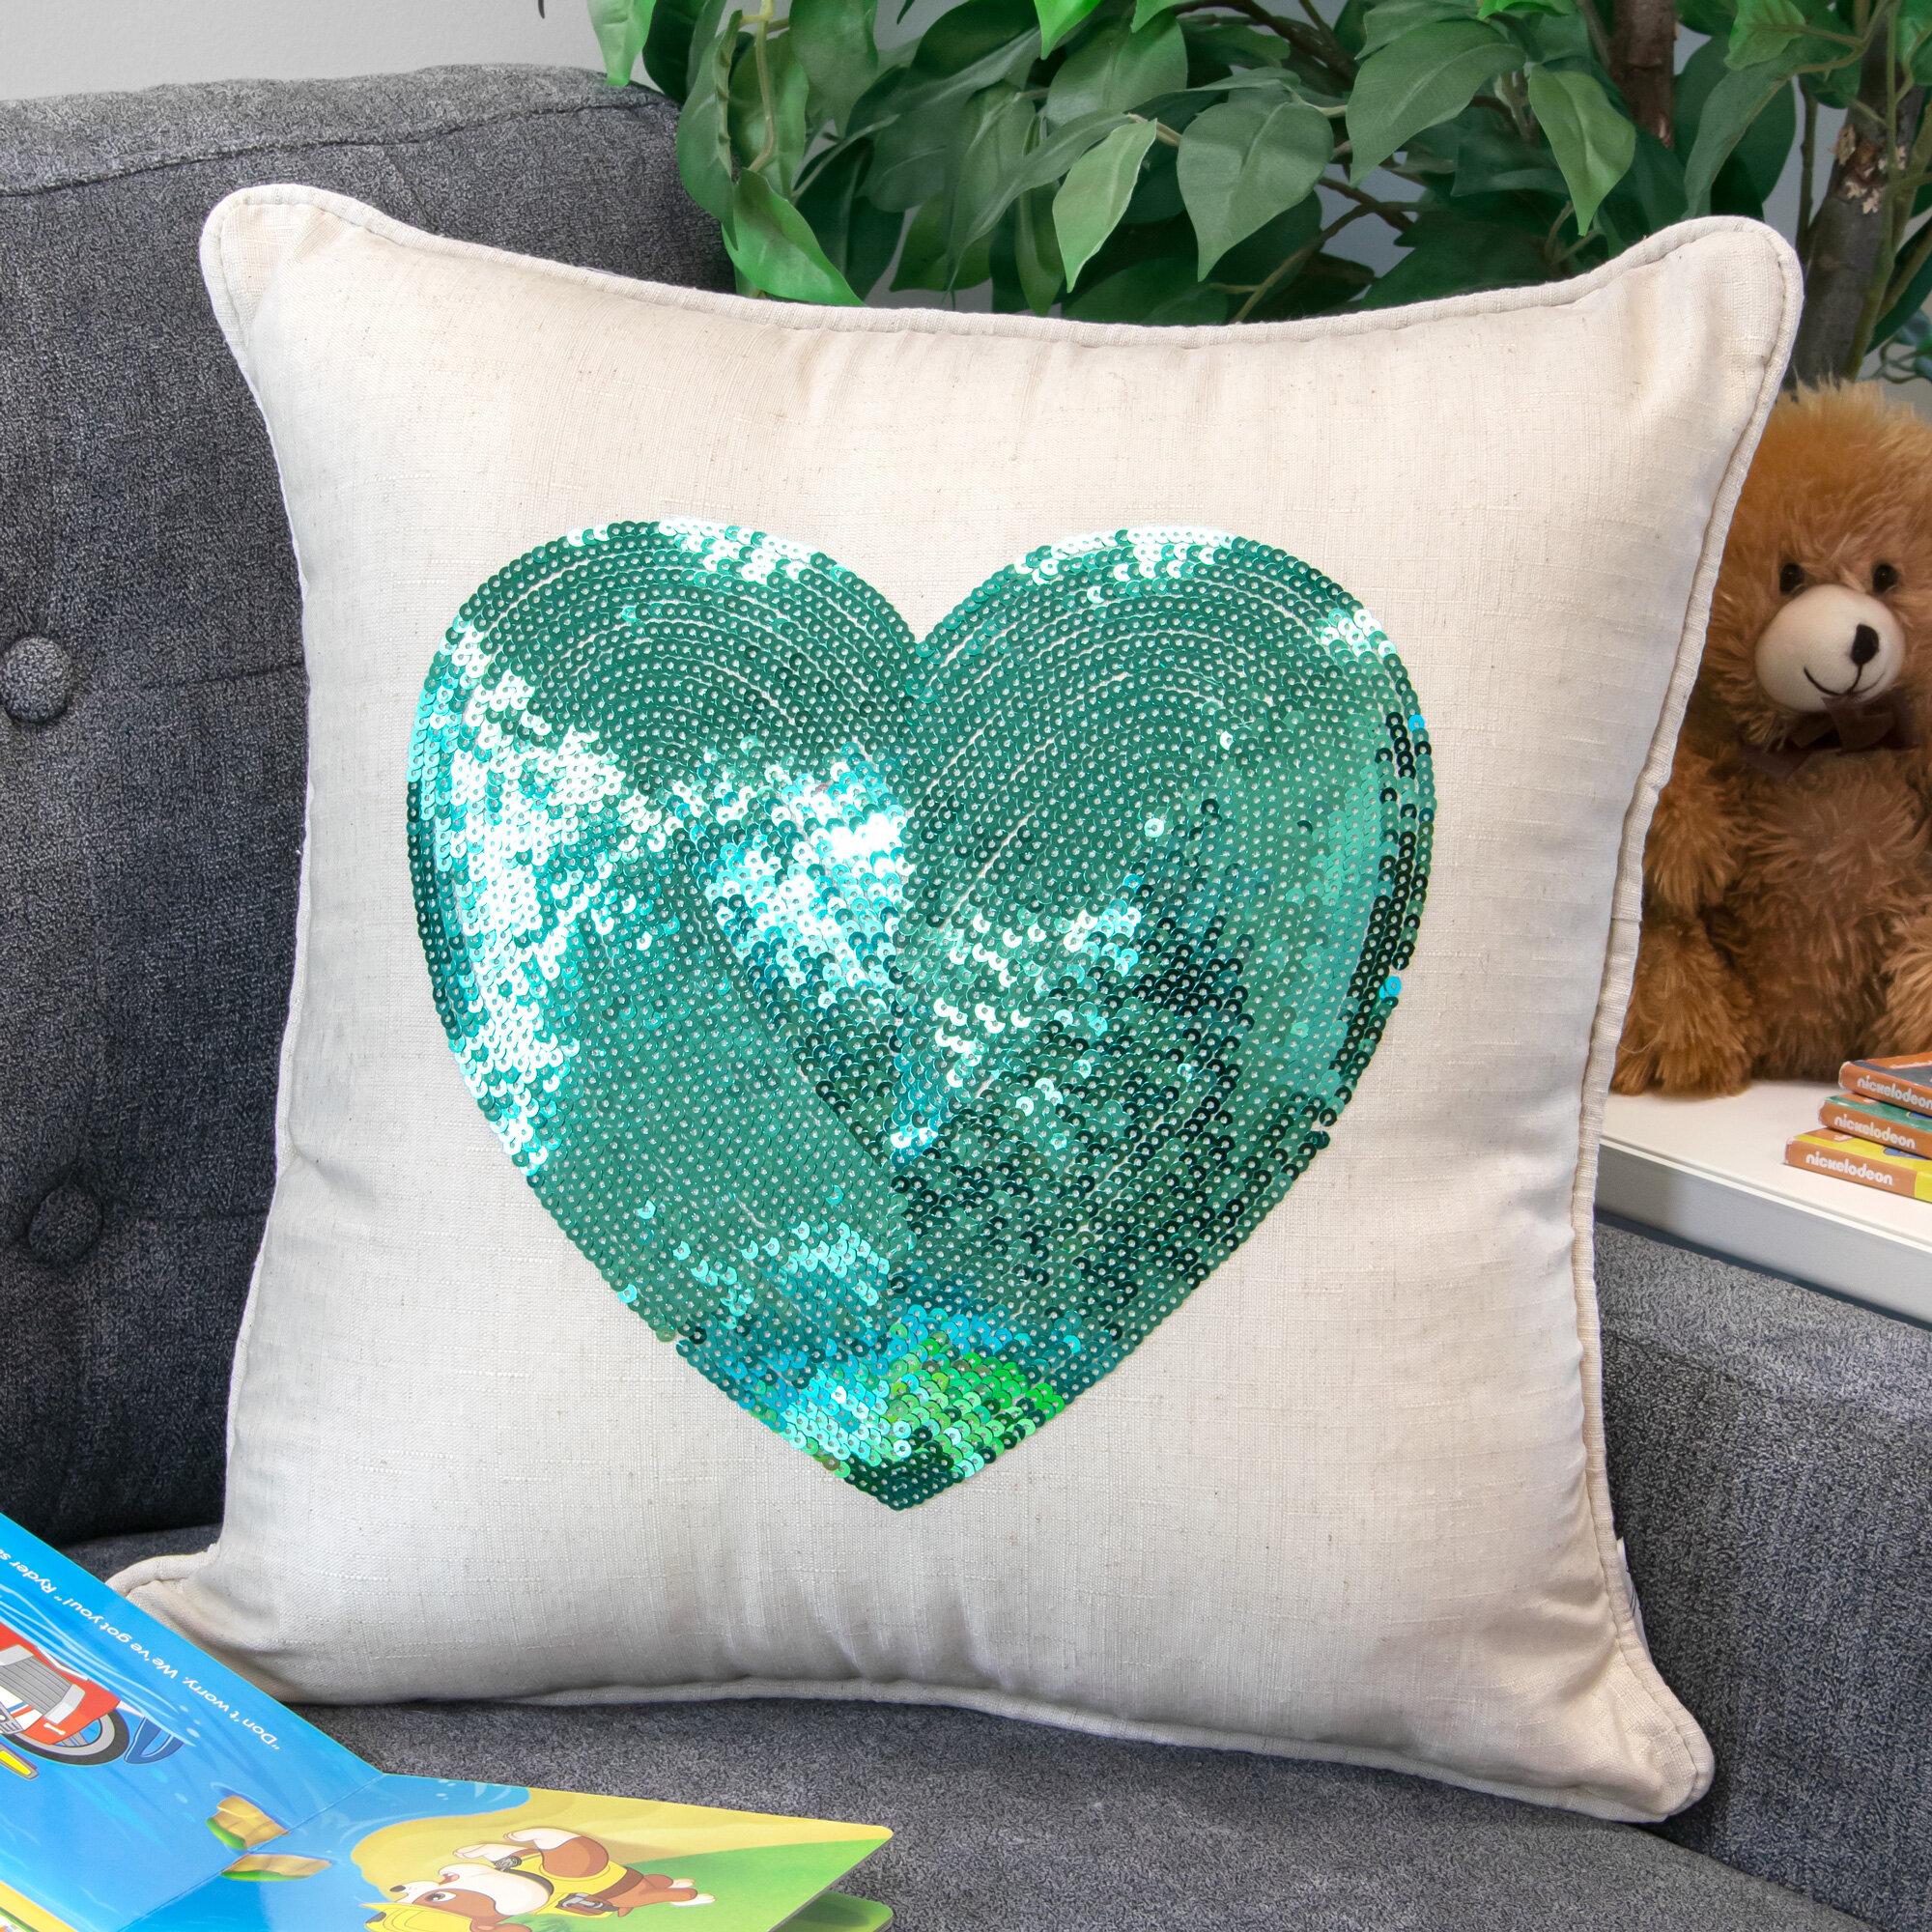 Trule Evans Sequin Heart Throw Pillow Reviews Wayfair